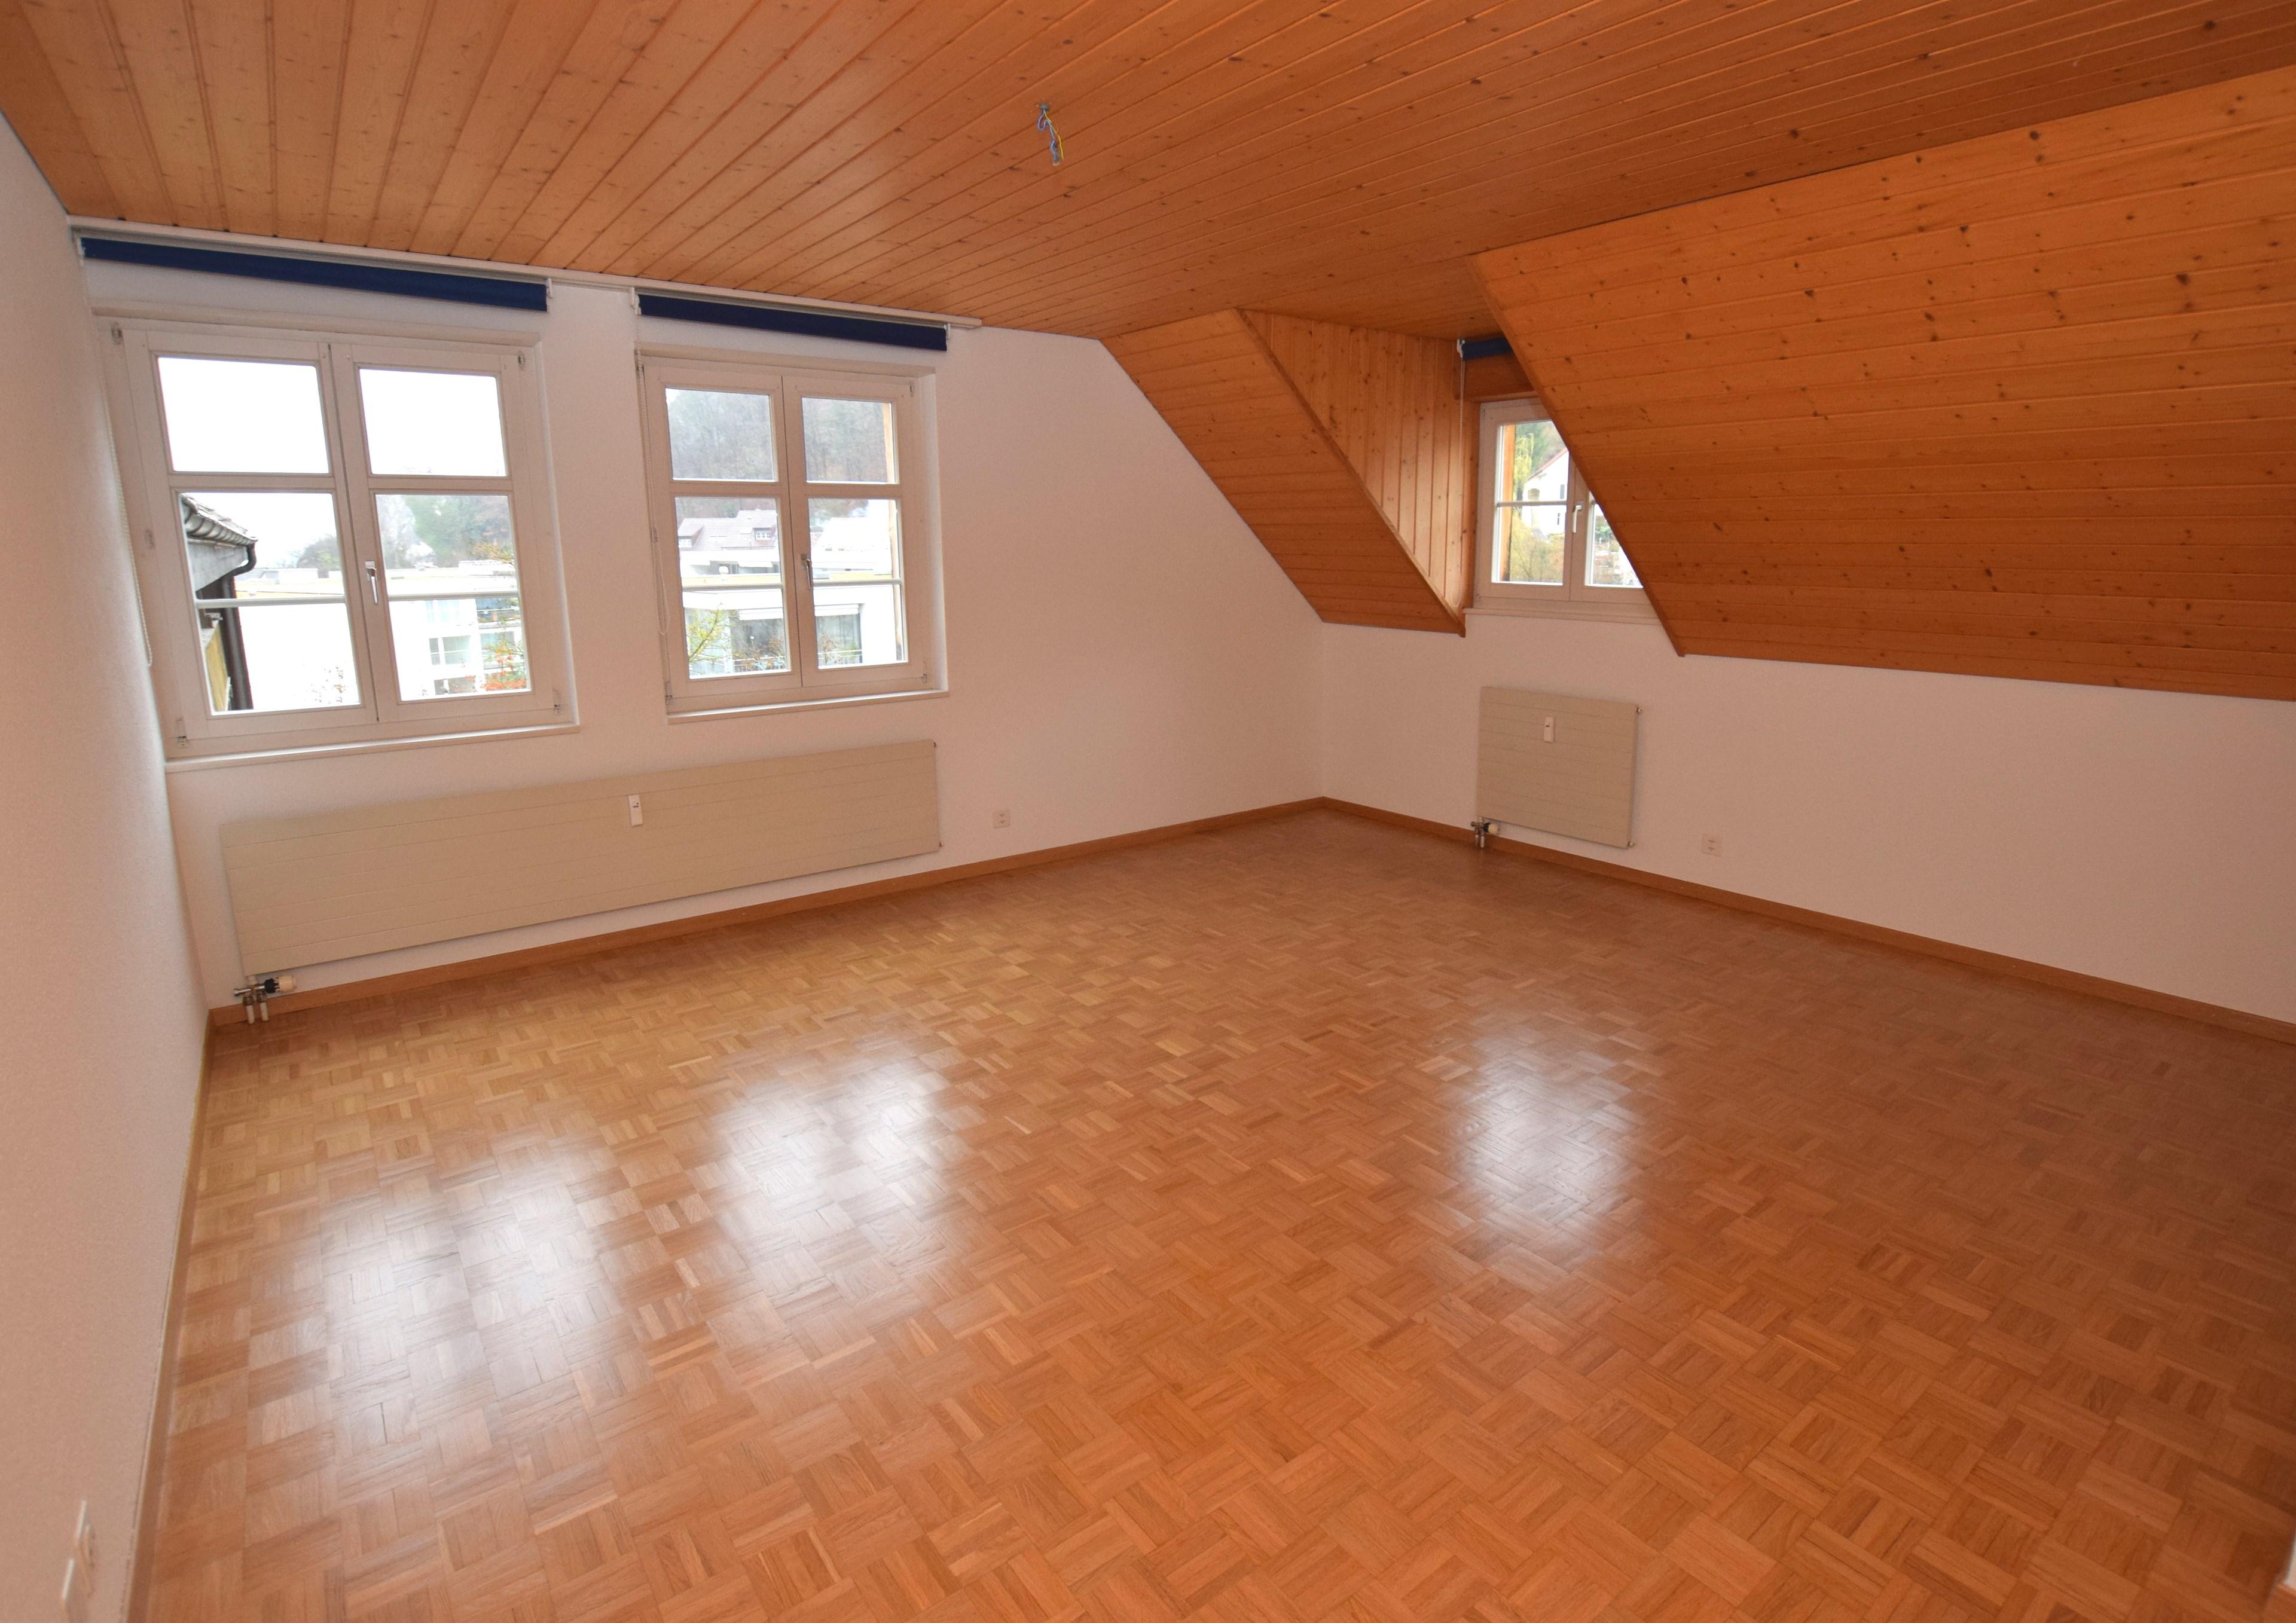 Wohnzimmer Badweg 2